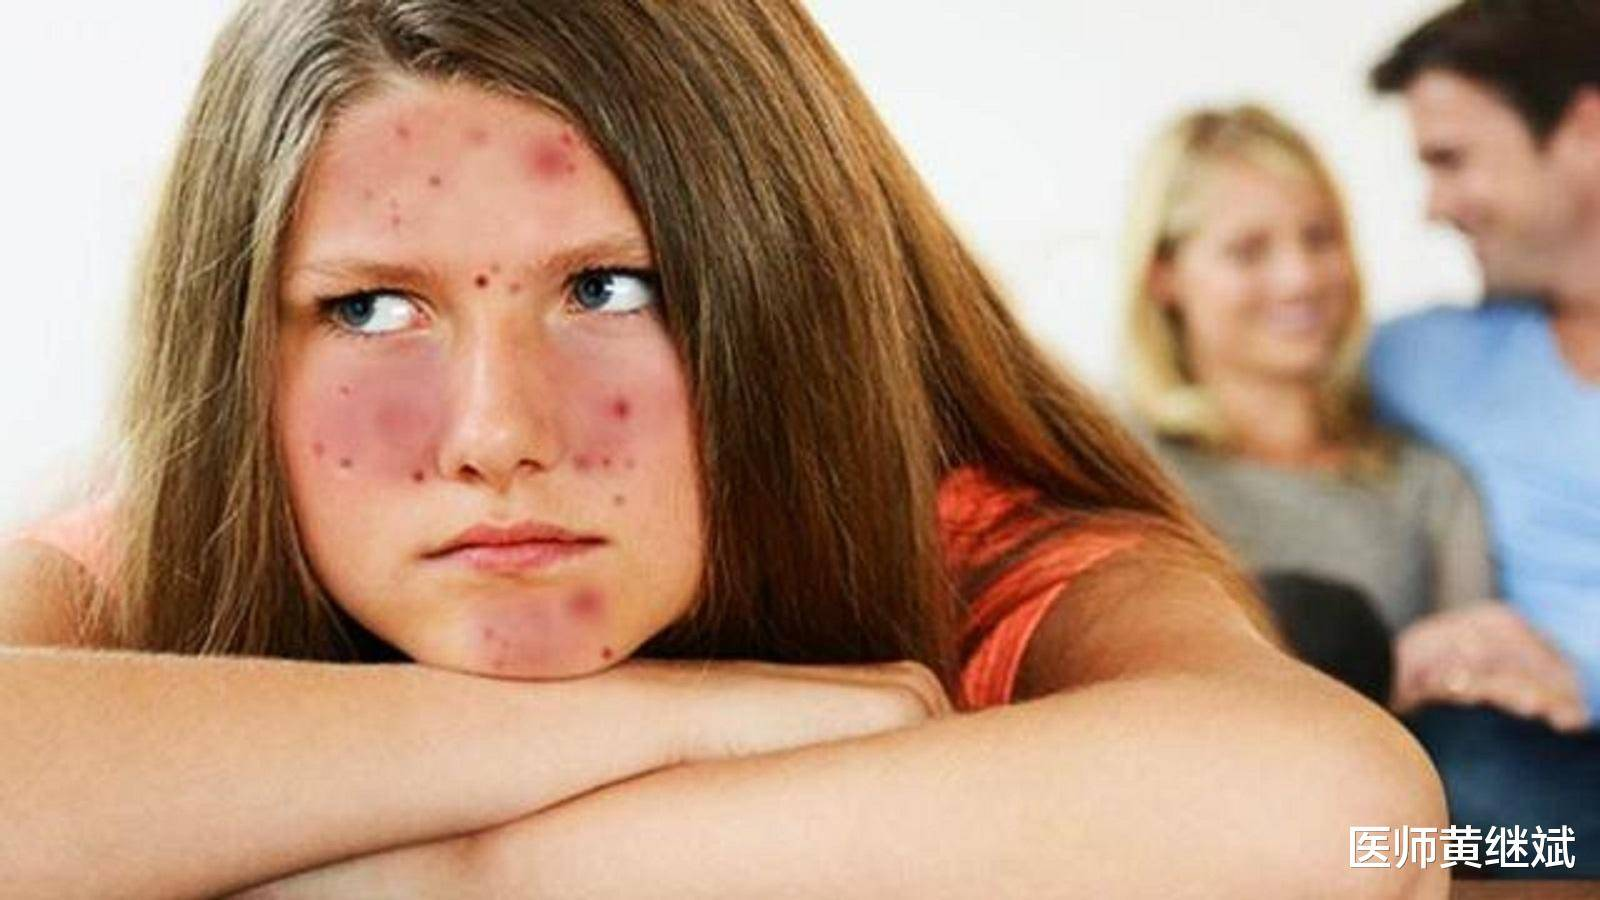 原创夏季容易上火长痘,身体可能需要排毒,吃什么食物能快速消痘?